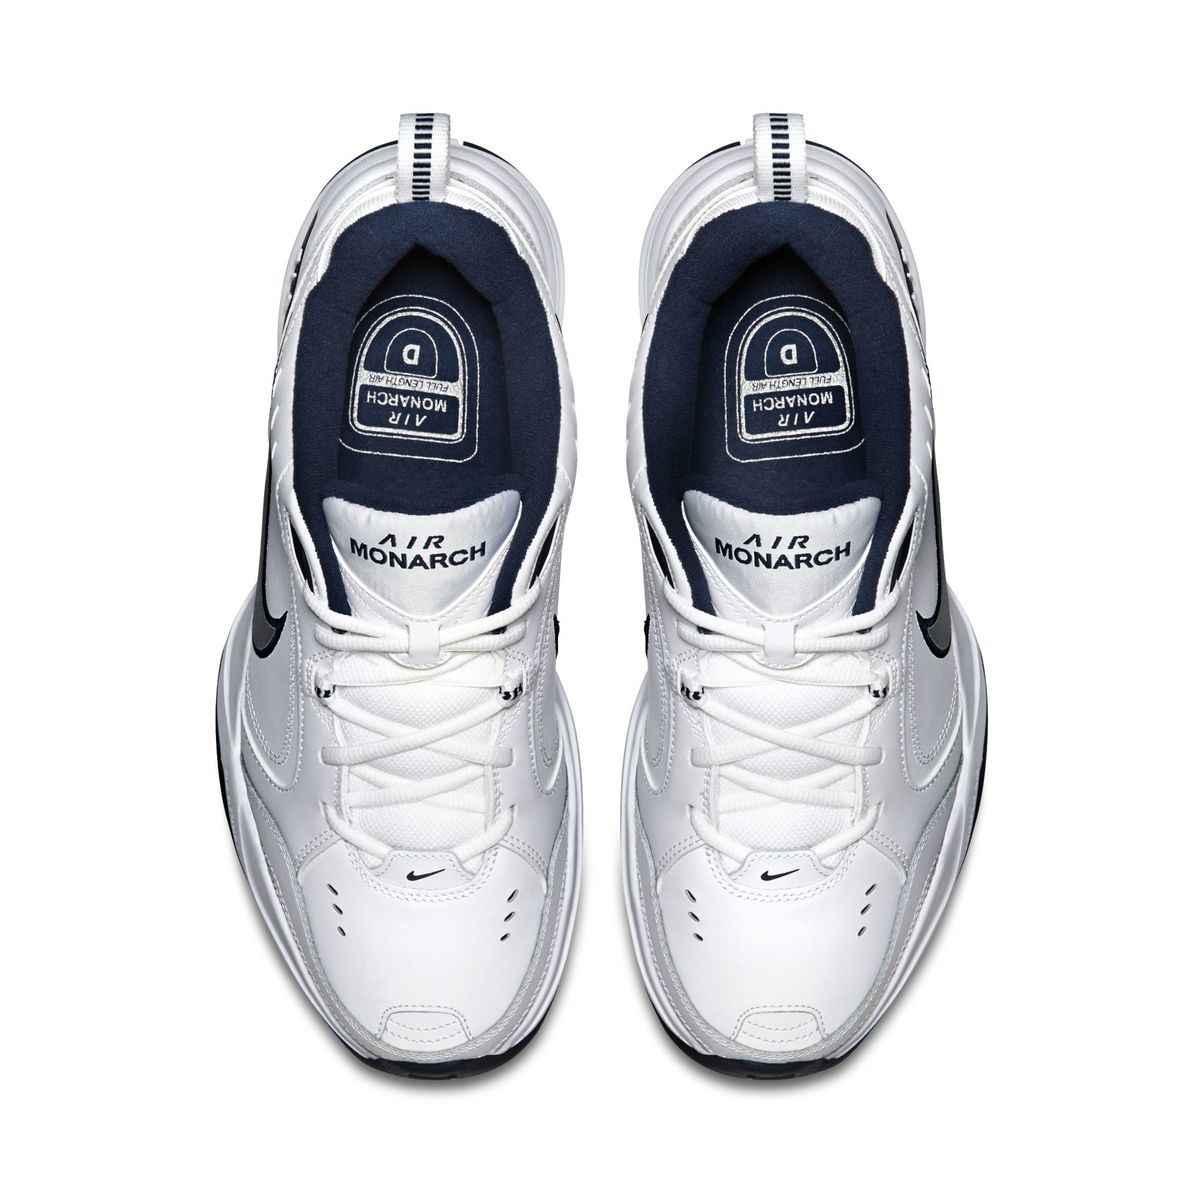 NIKE AIR MONARCH IV официальный Новое поступление дышащая мужская обувь для бега удобные спортивные уличные кроссовки #415445